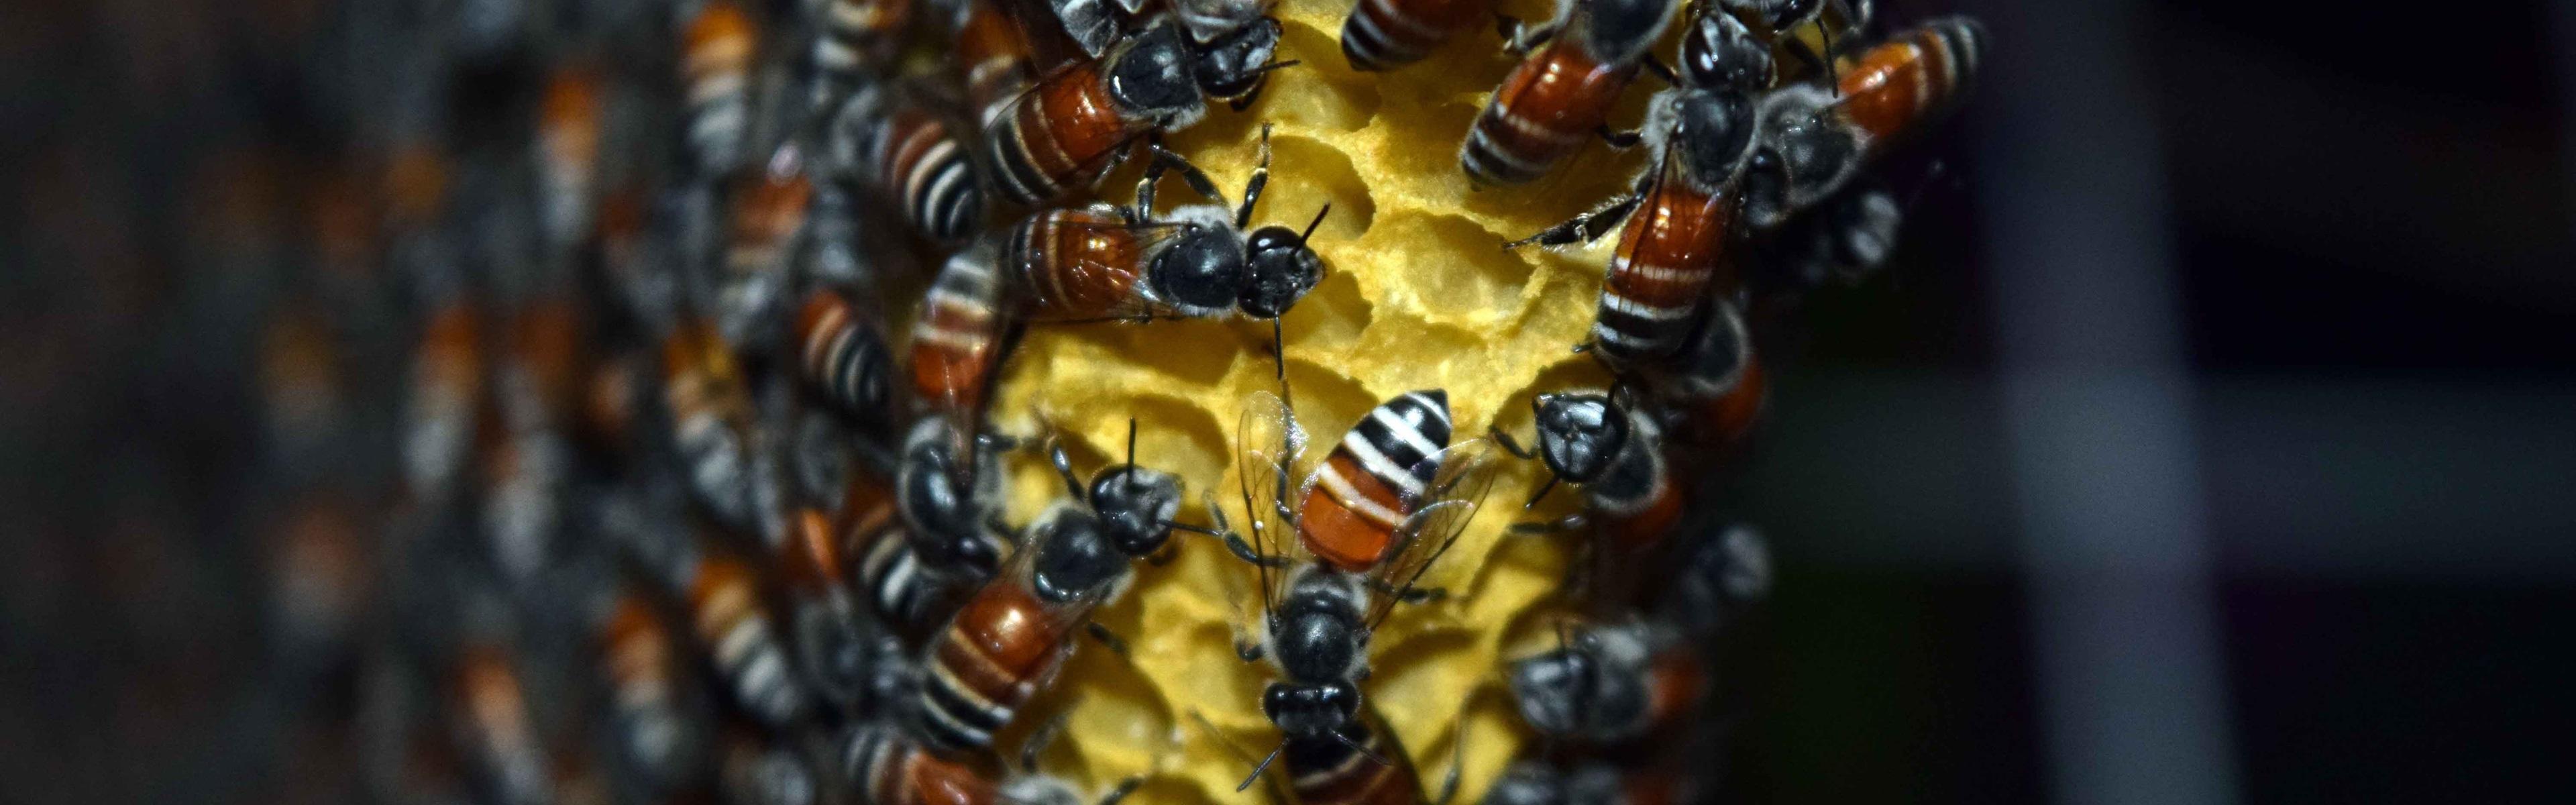 Мёд в сотах  № 604525 загрузить